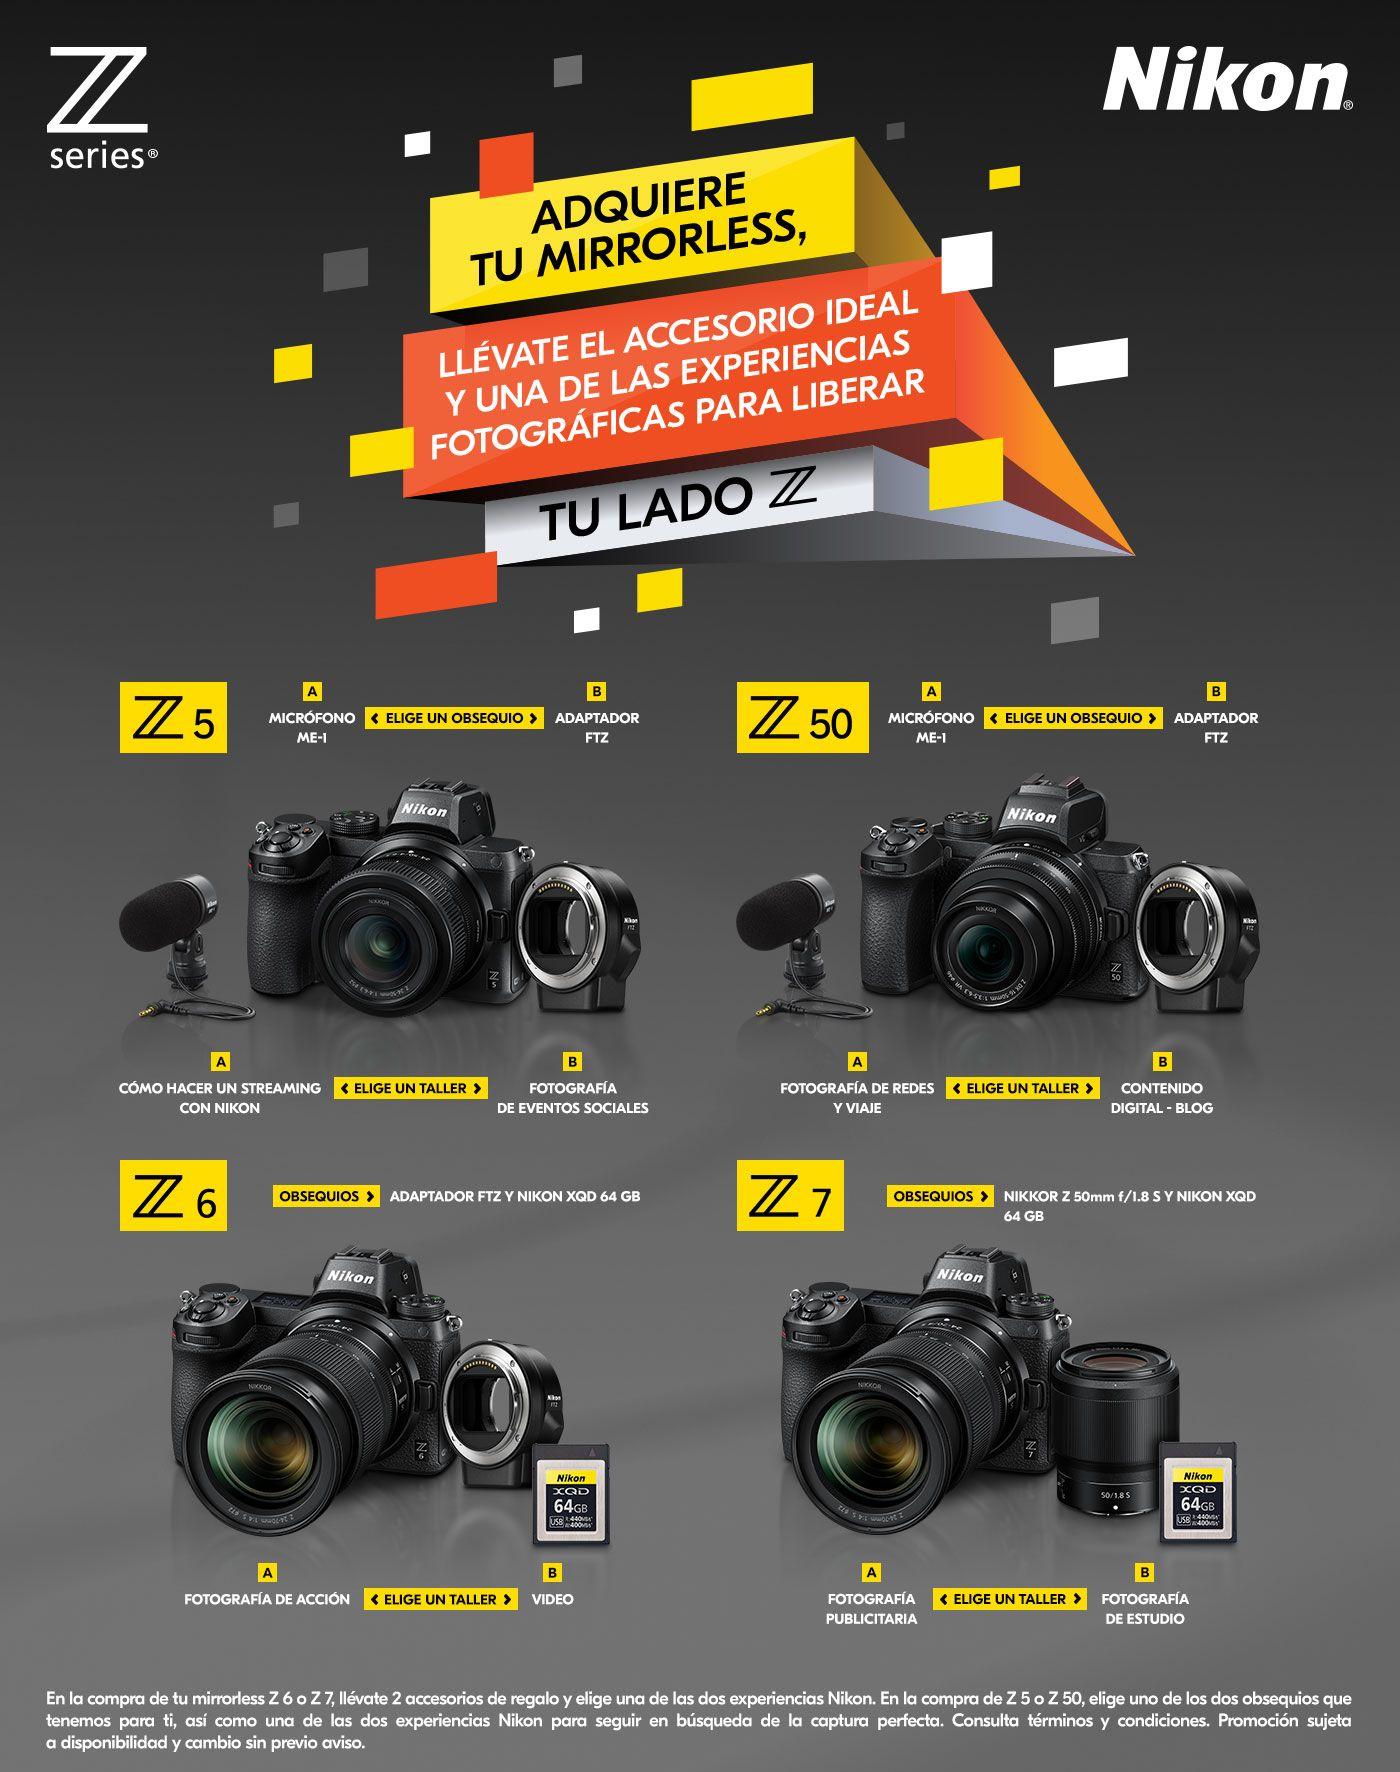 Nikon Series Z Regala Accesorios y Curso Gratis